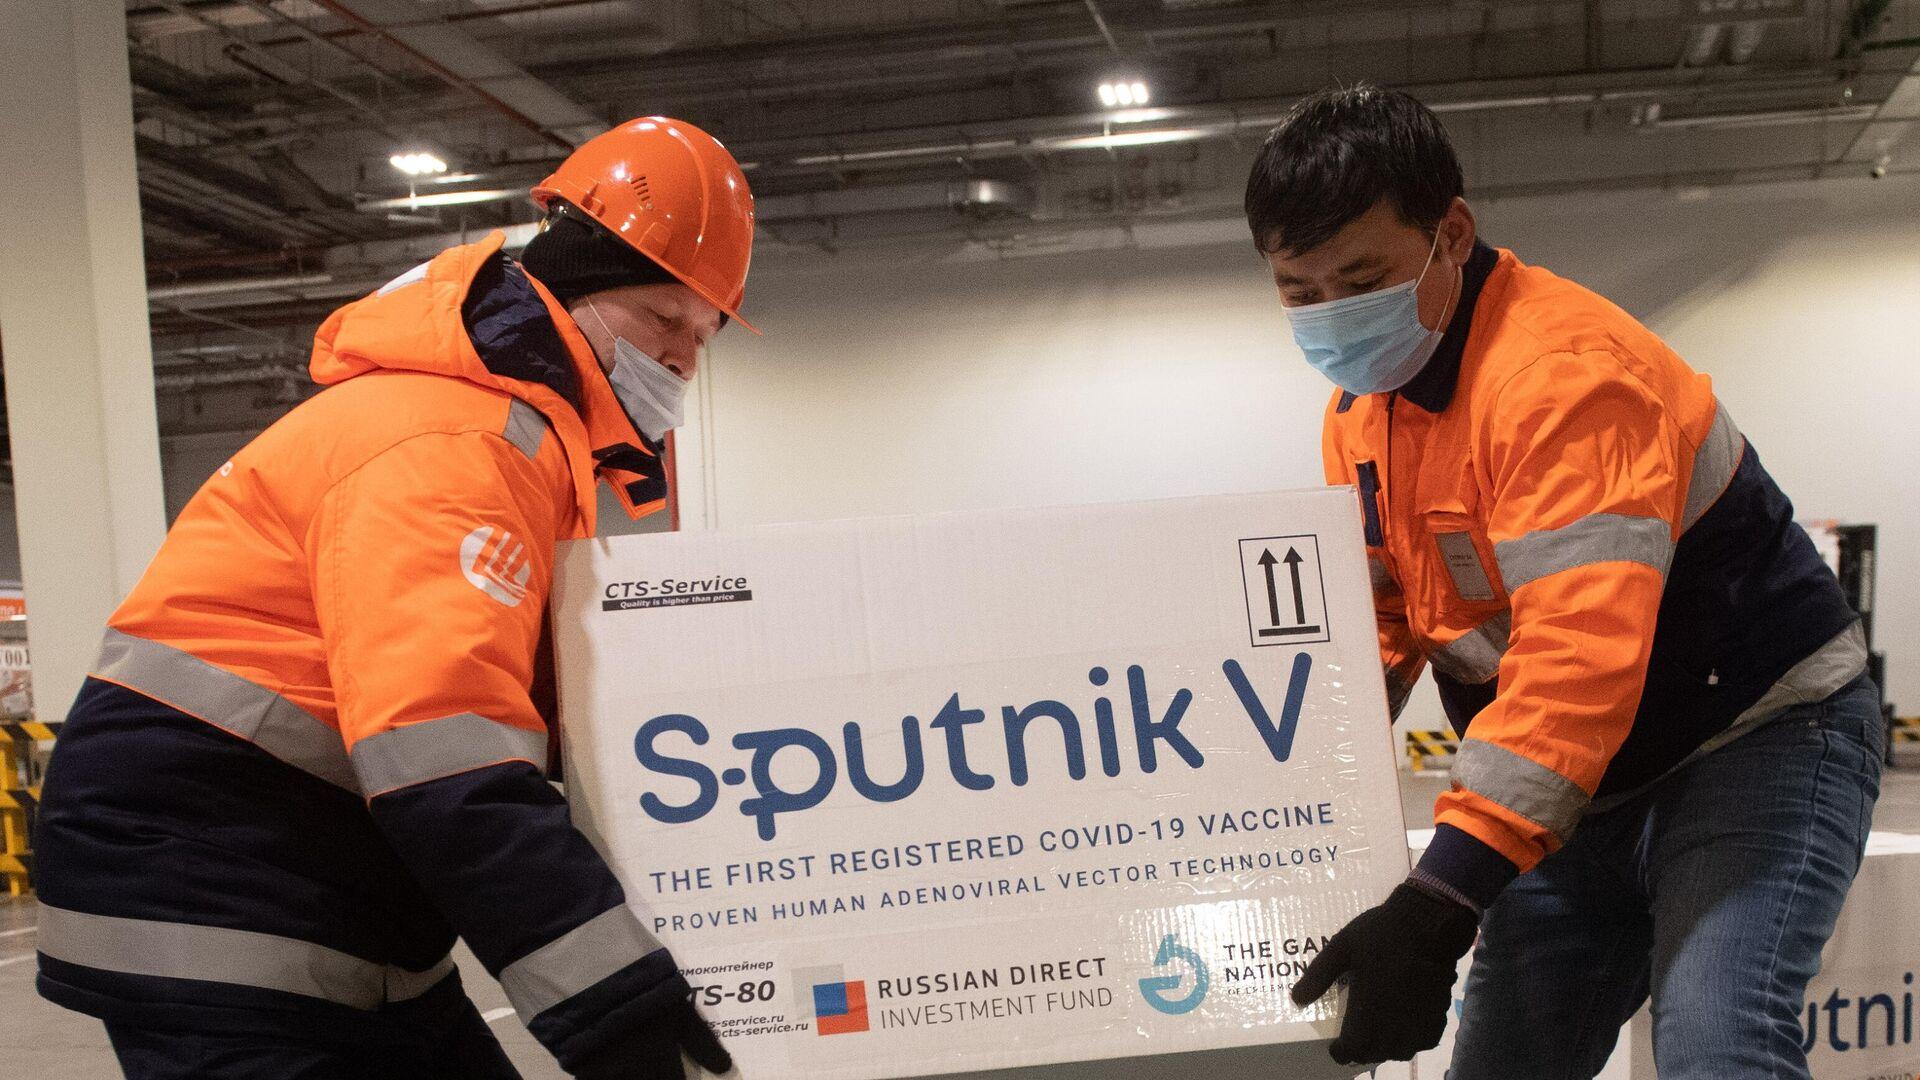 Доставка вакцины Sputnik V на склад в грузовой терминал Москва Карго - РИА Новости, 1920, 28.02.2021